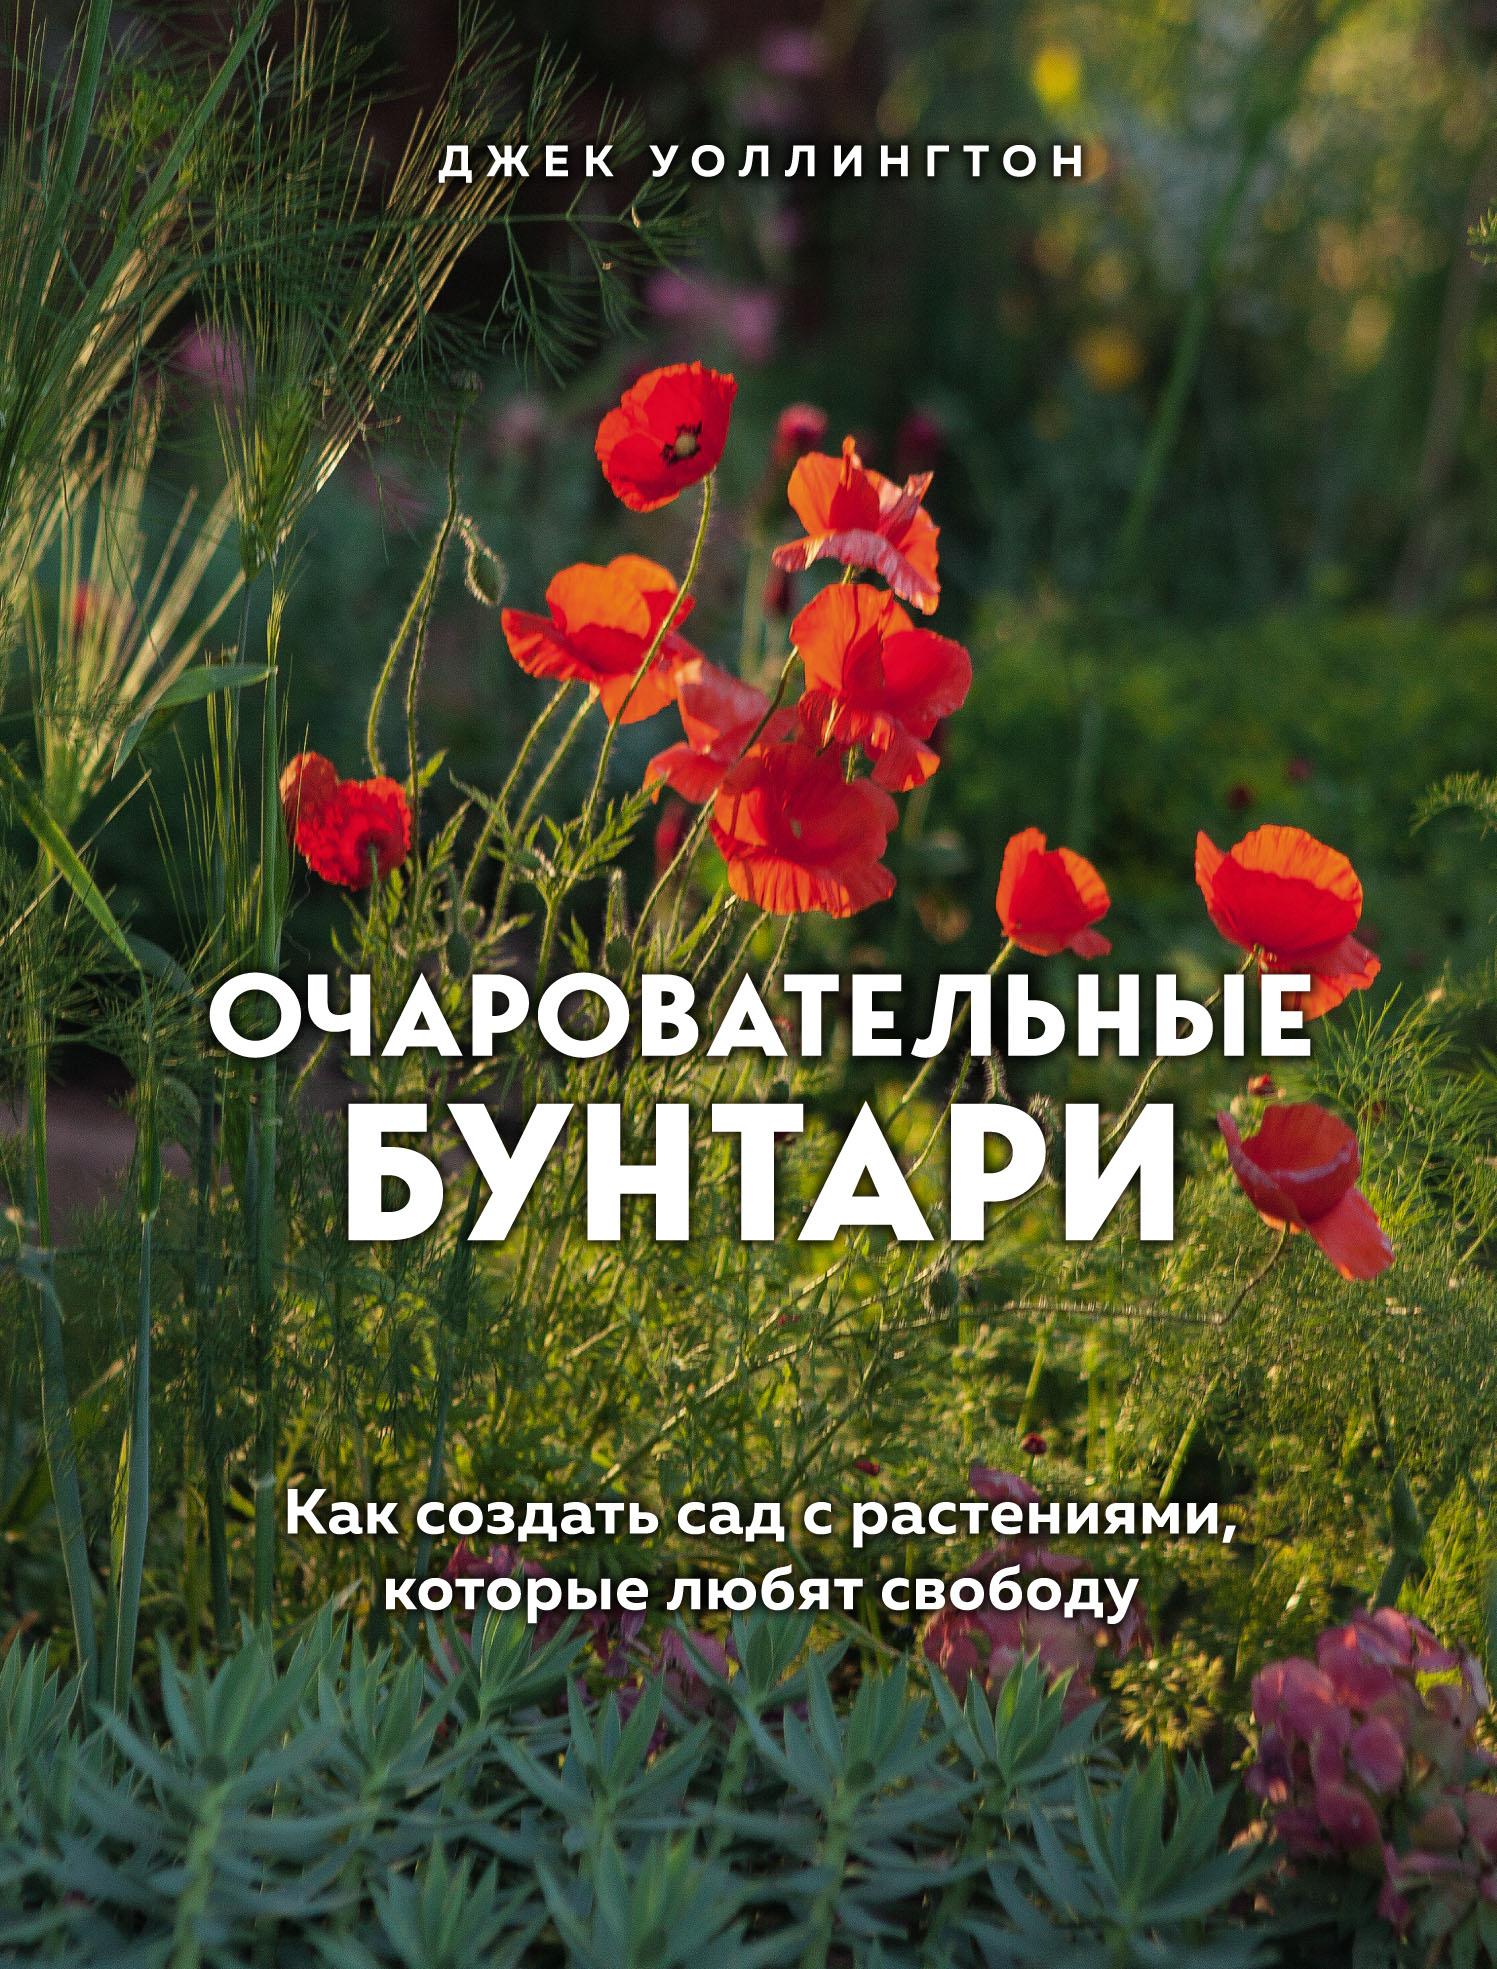 Купить книгу Очаровательные бунтари. Как создать сад с растениями, которые любят свободу, автора Джека Уоллингтона